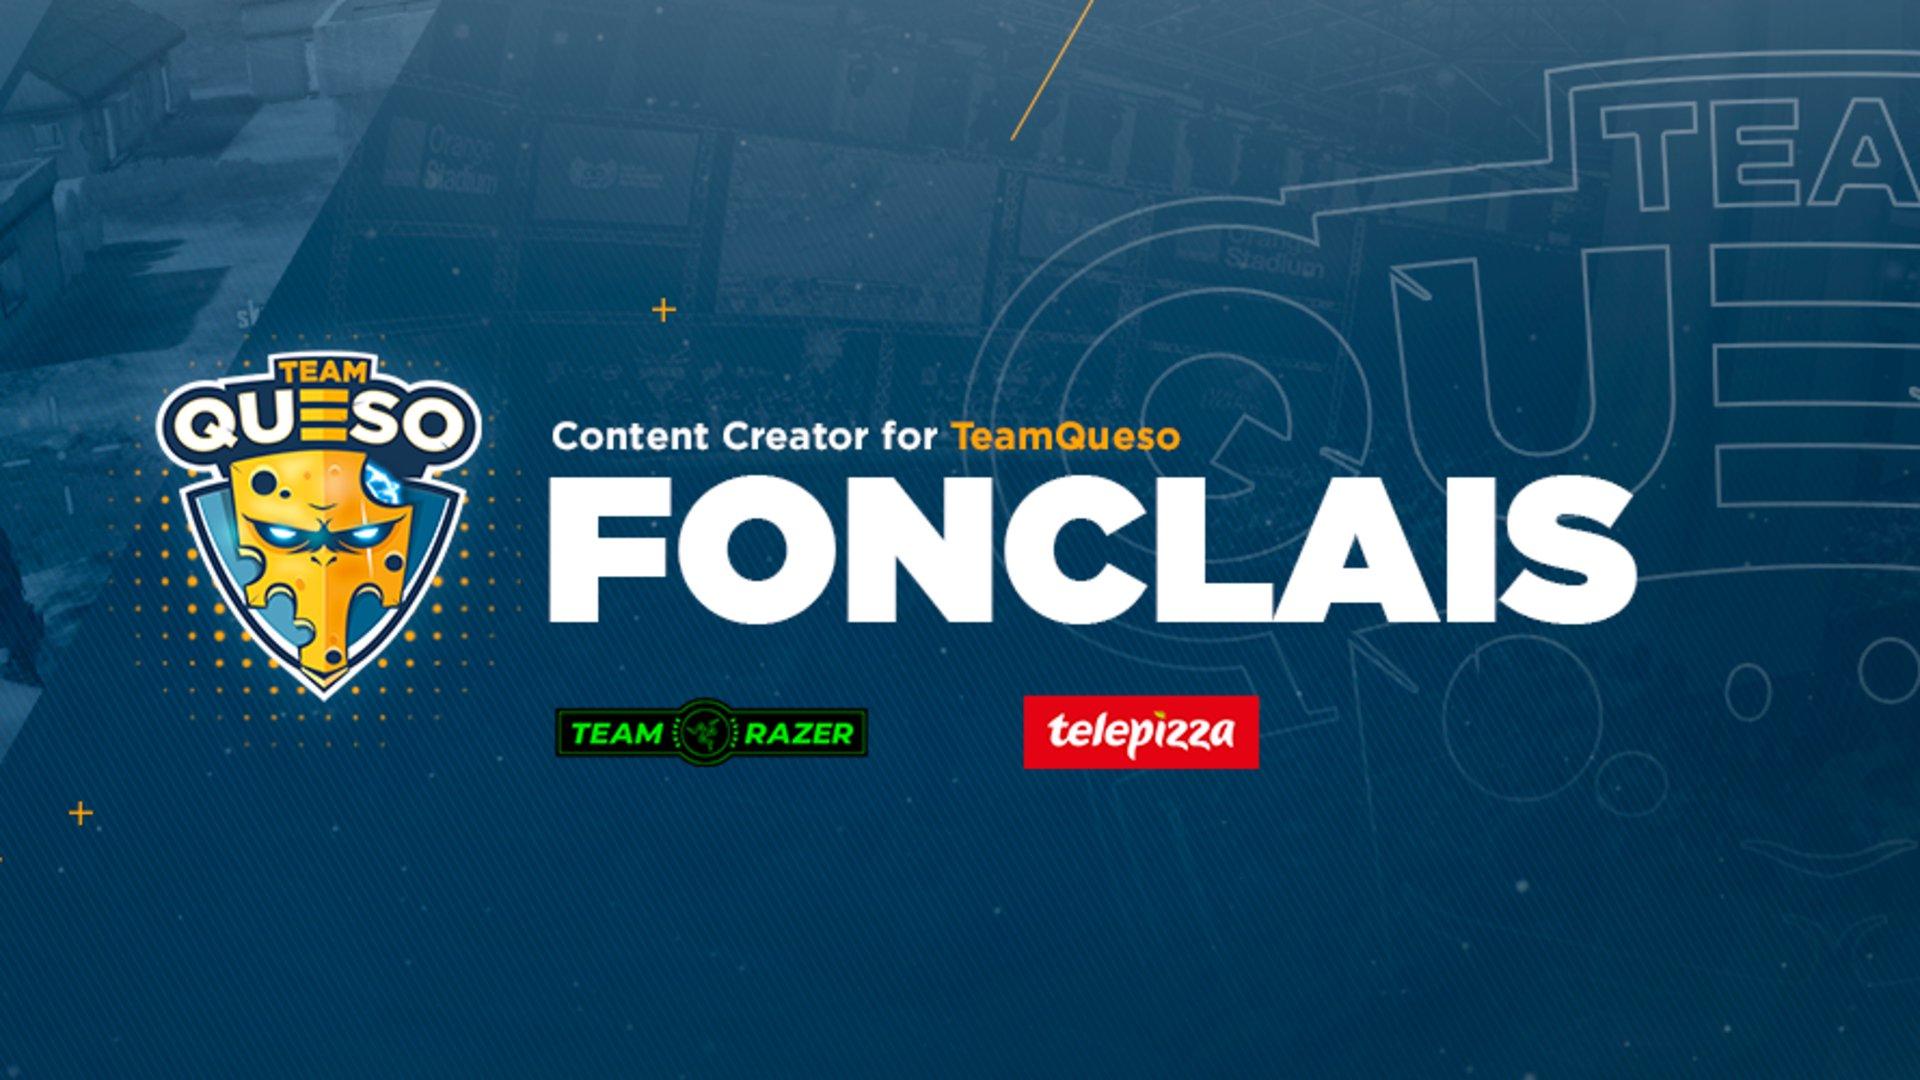 Fonclais